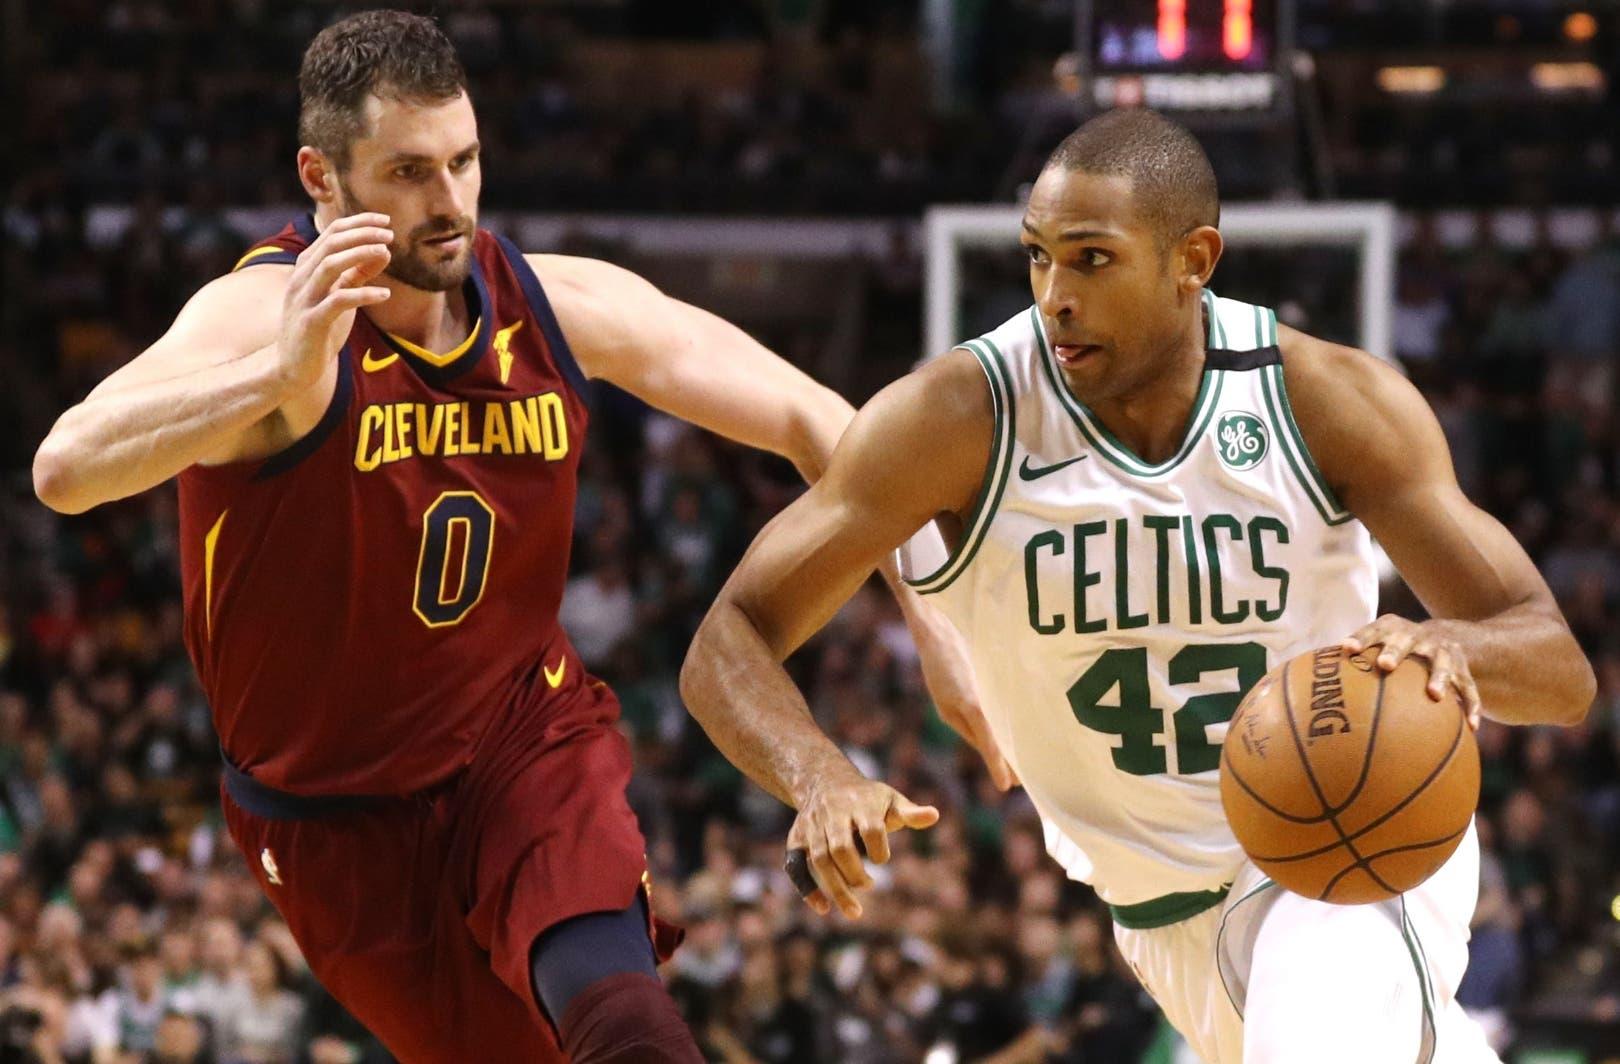 Al Horford, principal figura de los Celtics de Boston, tuvo  destacada actuación en el primer juego contra Cleveland.  AP Foto de archivo.